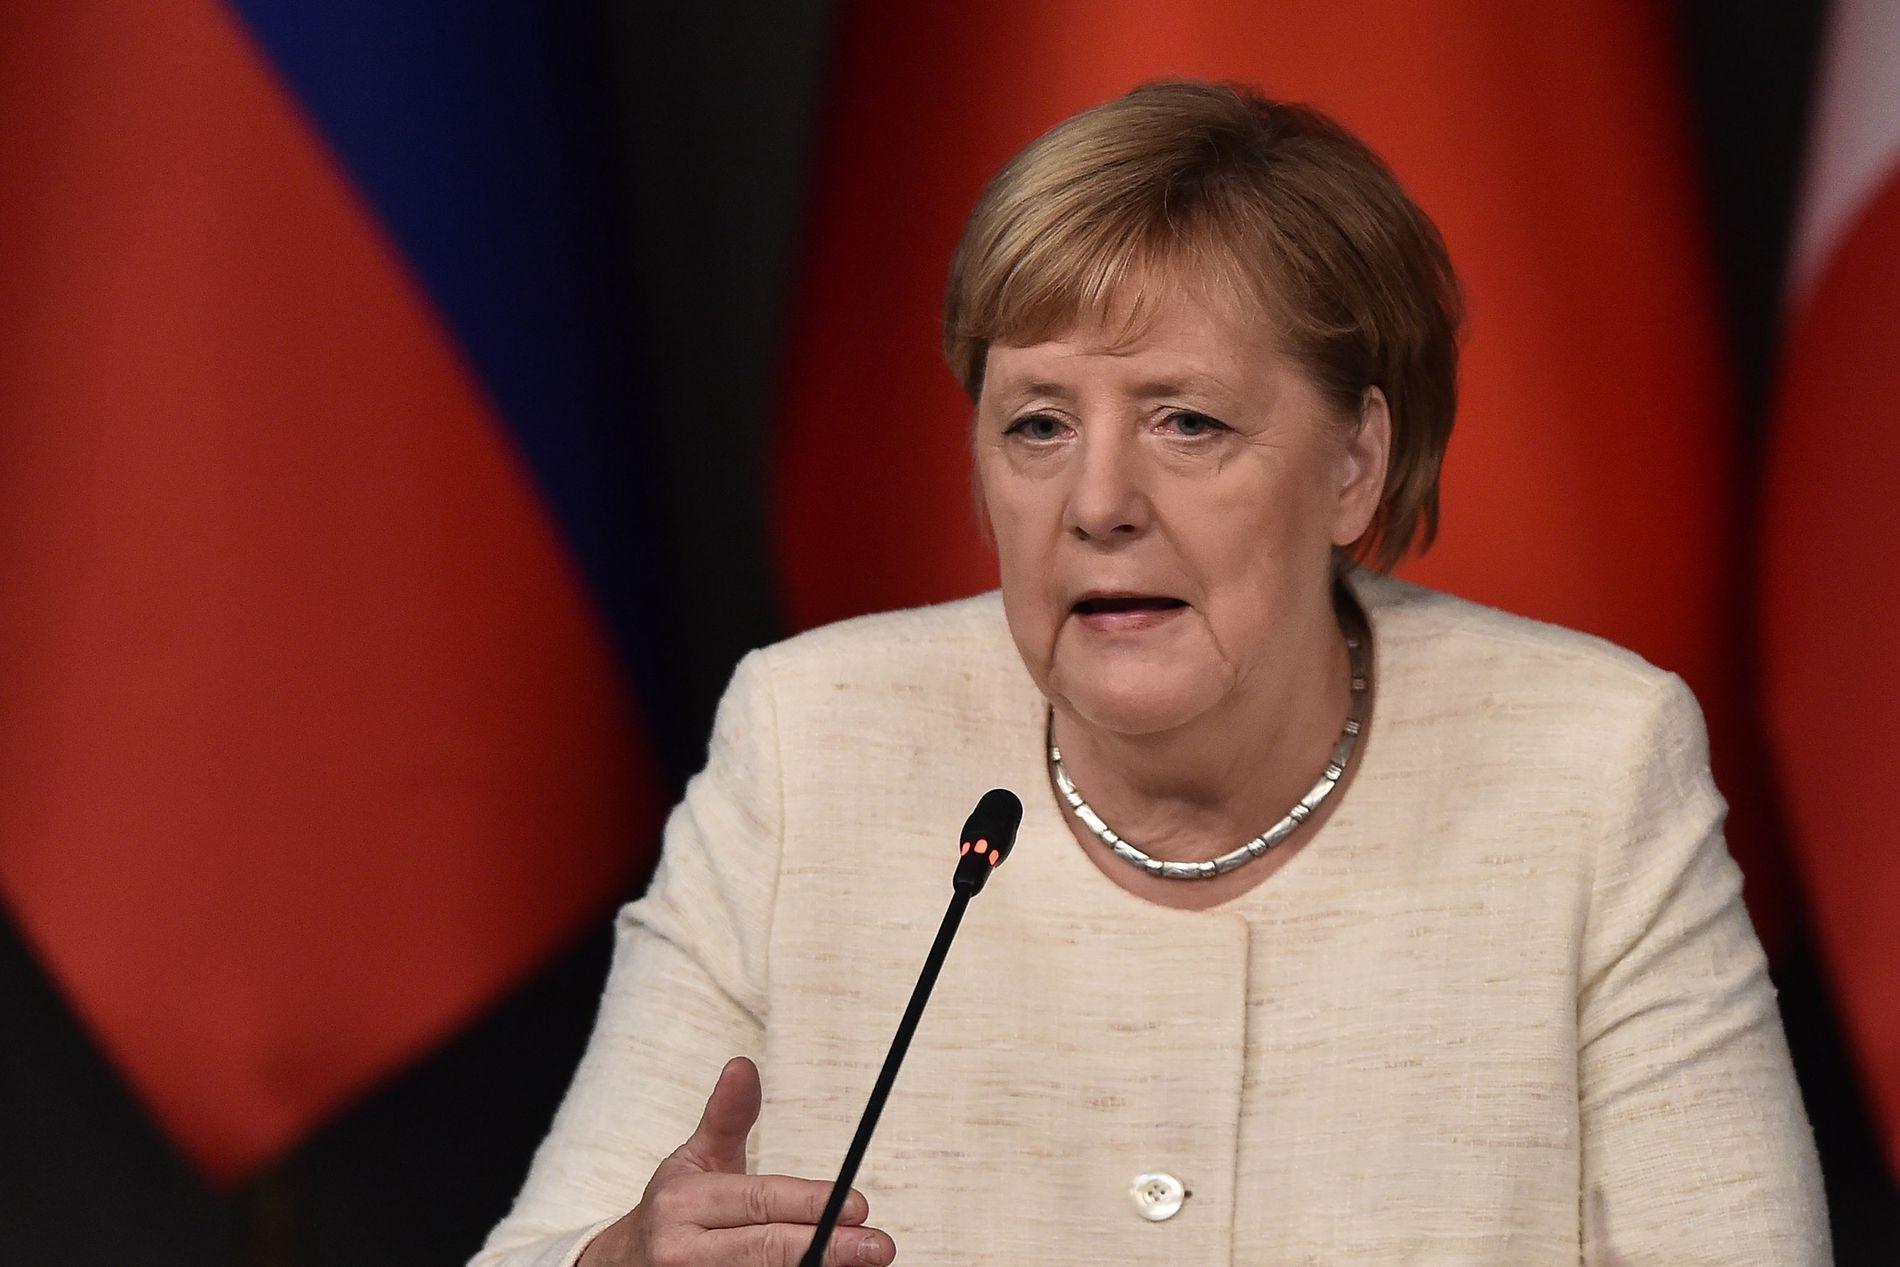 STILLER IKKE TIL GJENVALG: Etter 18 år trekker Angela Merkel seg som partileder for det kristendemokratiske partiet CDU.